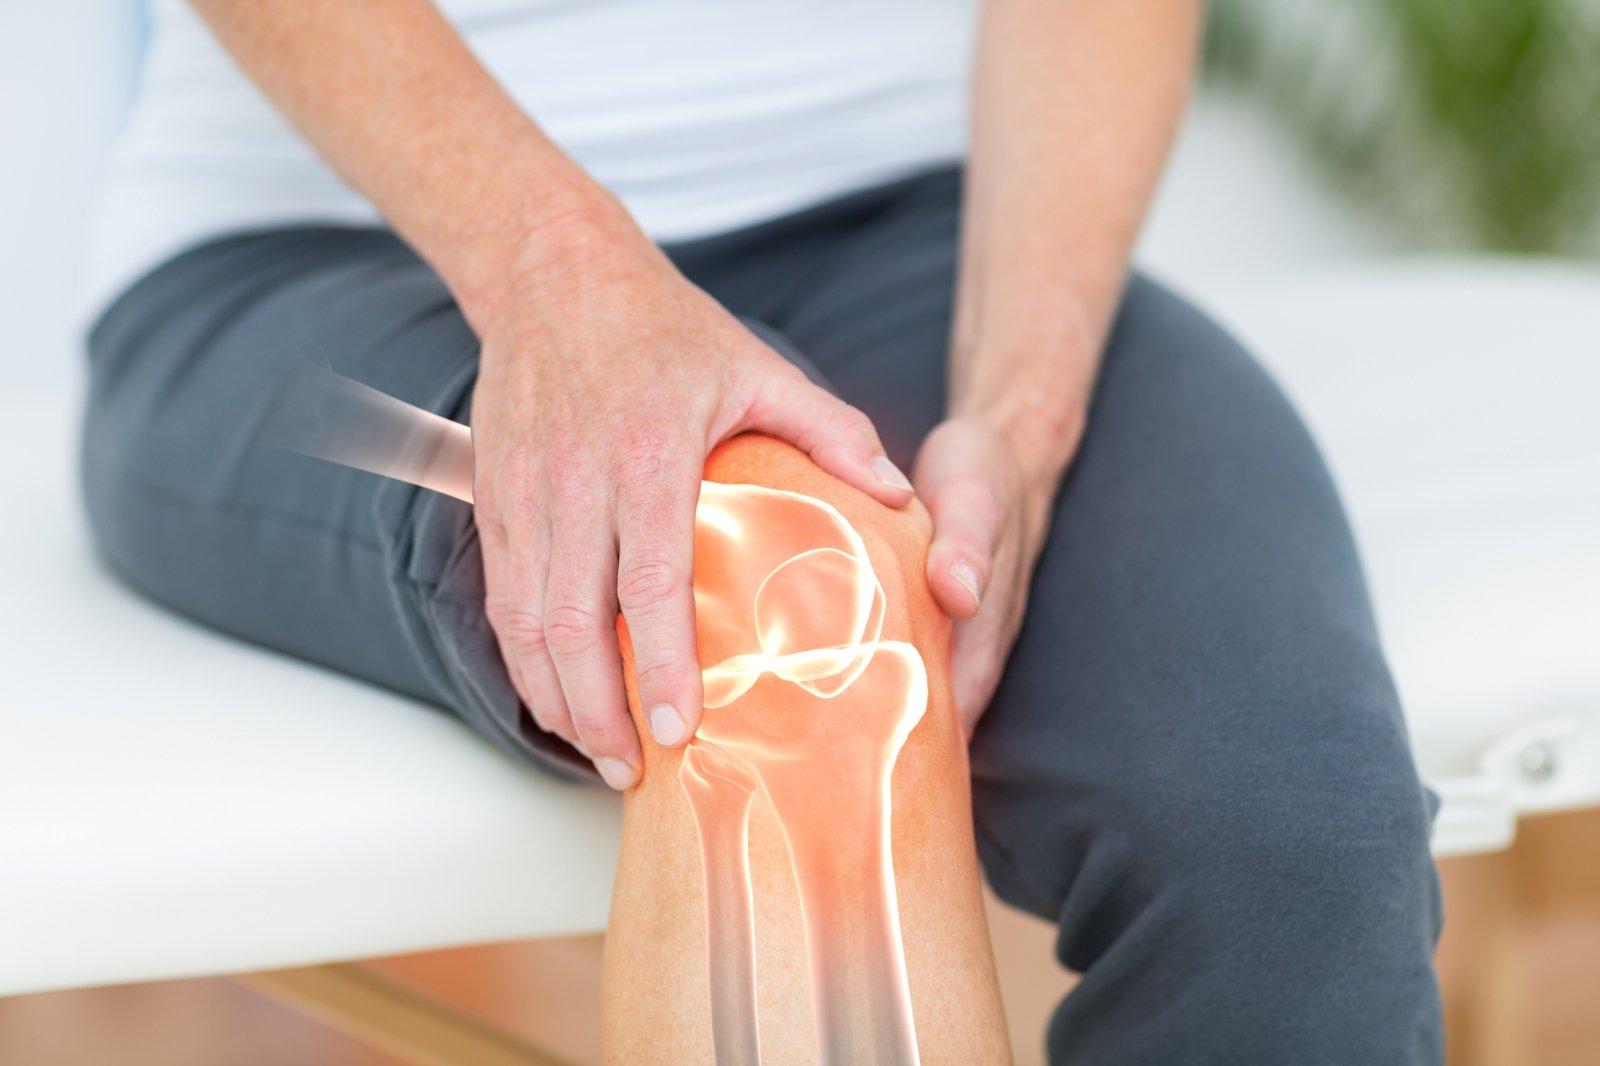 reumatinės sąnarių gydymo periodinė skausmas raumenyse ir sąnariuose